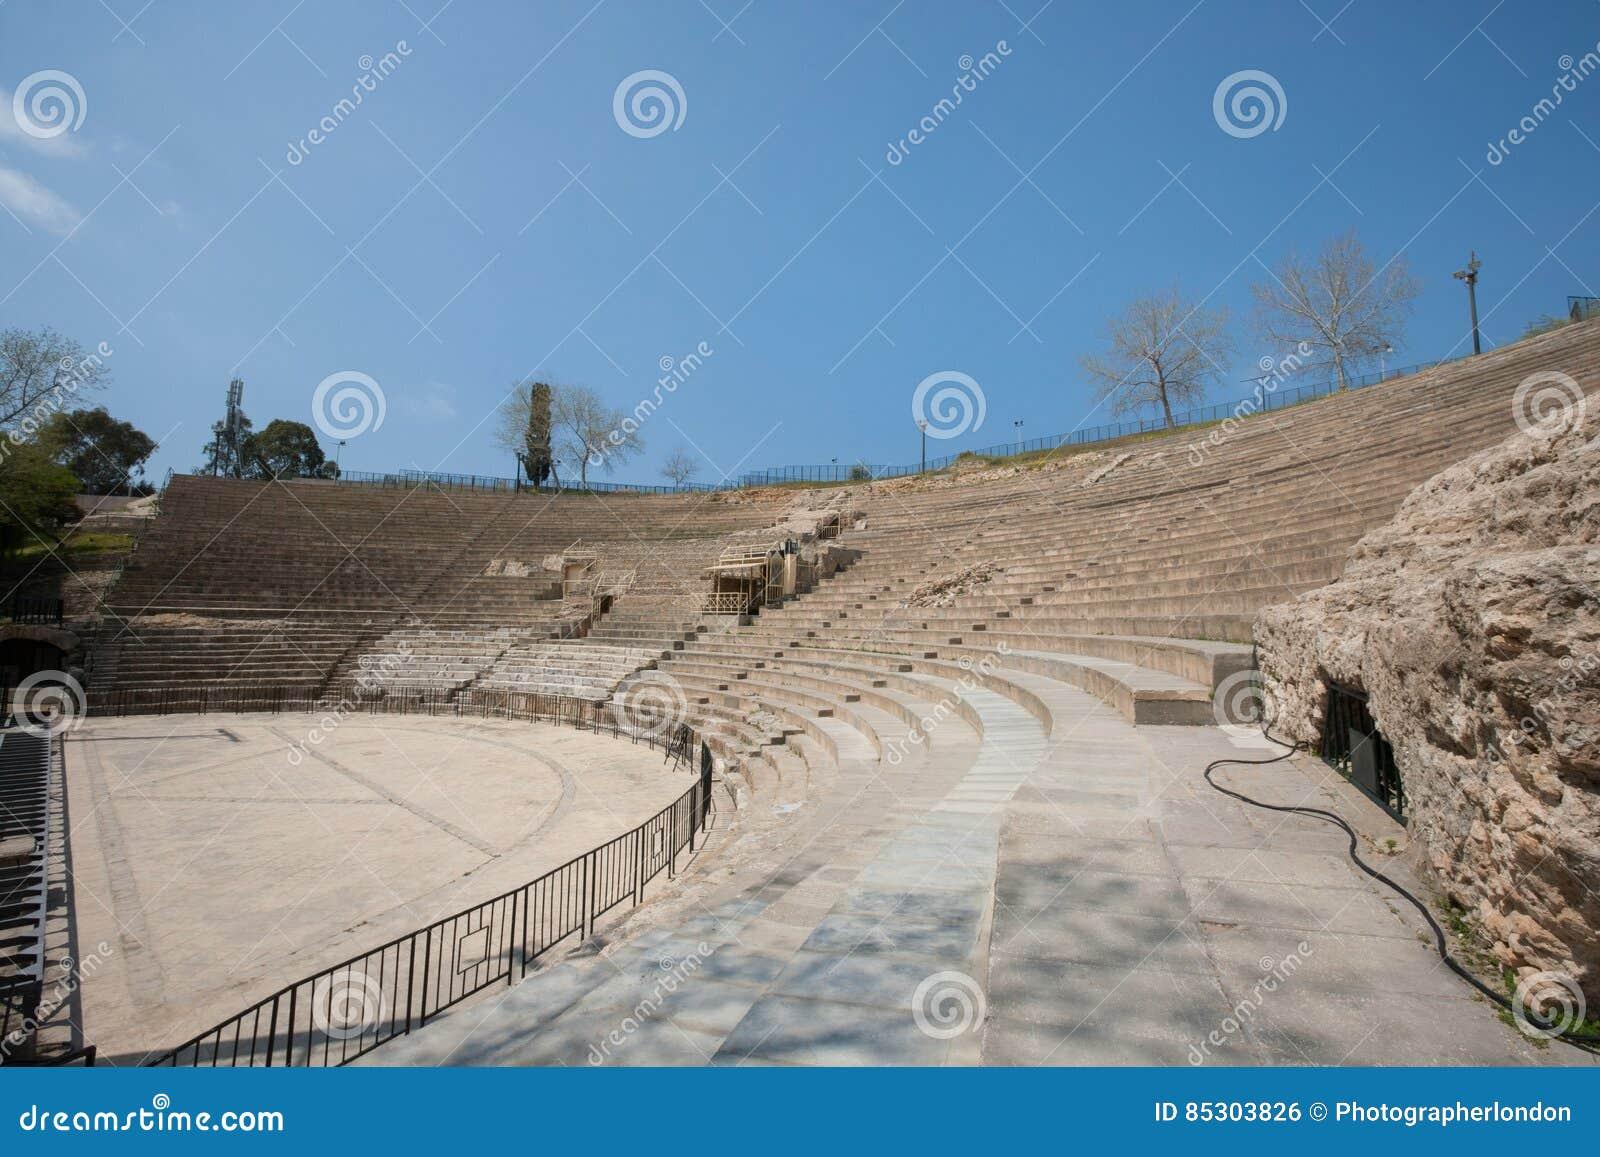 Romersk amfiteater mot blå himmel, Tunis, Tunisien